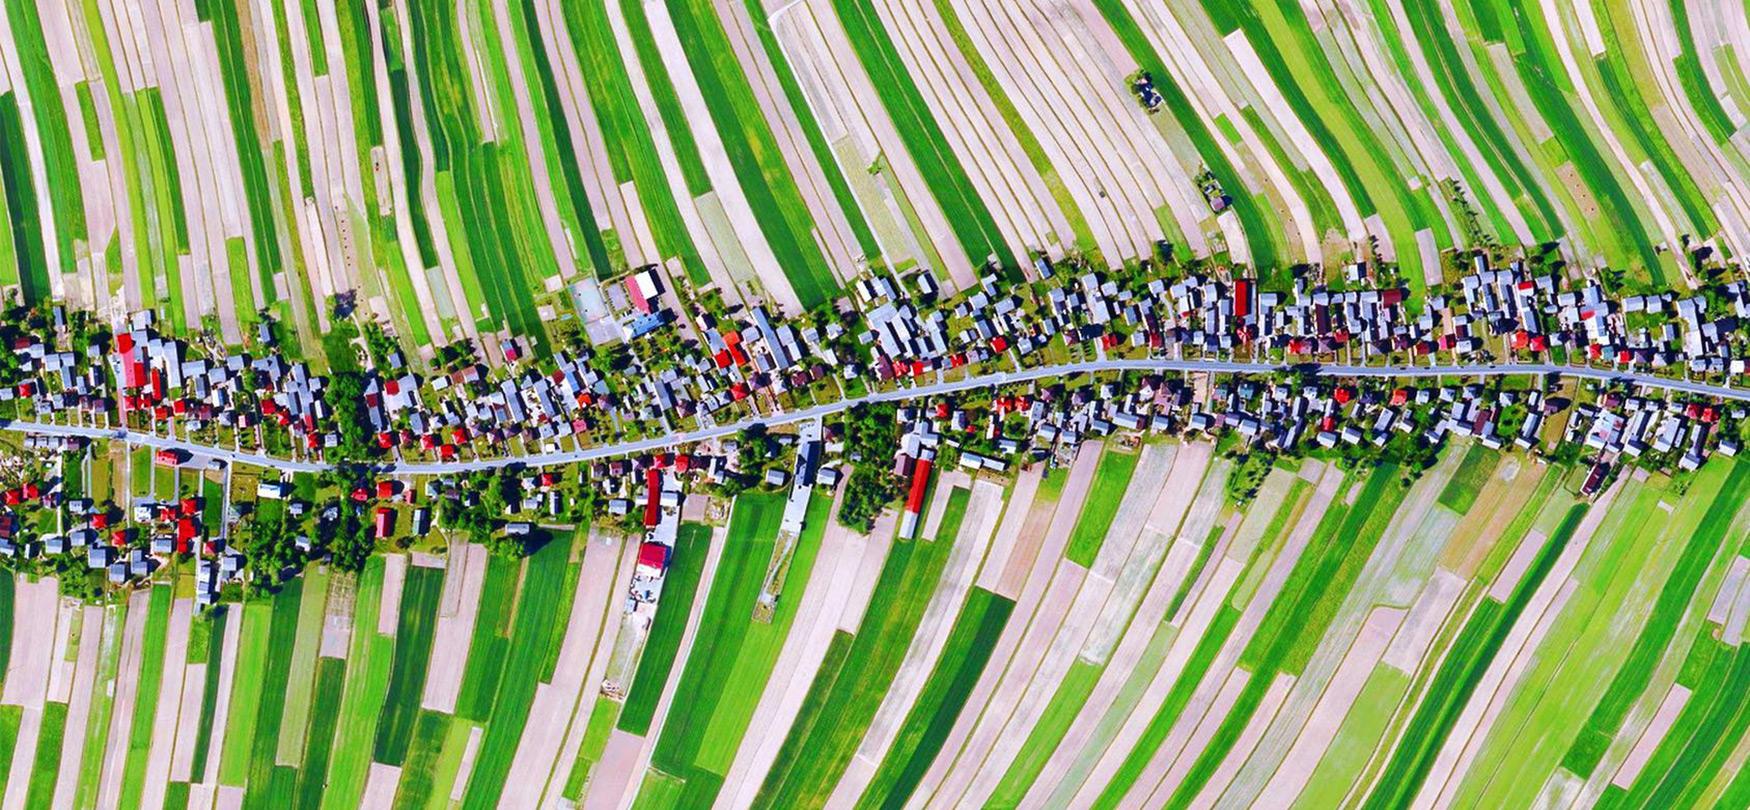 Poloniako paisaia koloretsuaren argazki batek Internet konkistatzen du.  Horrela sortu zen